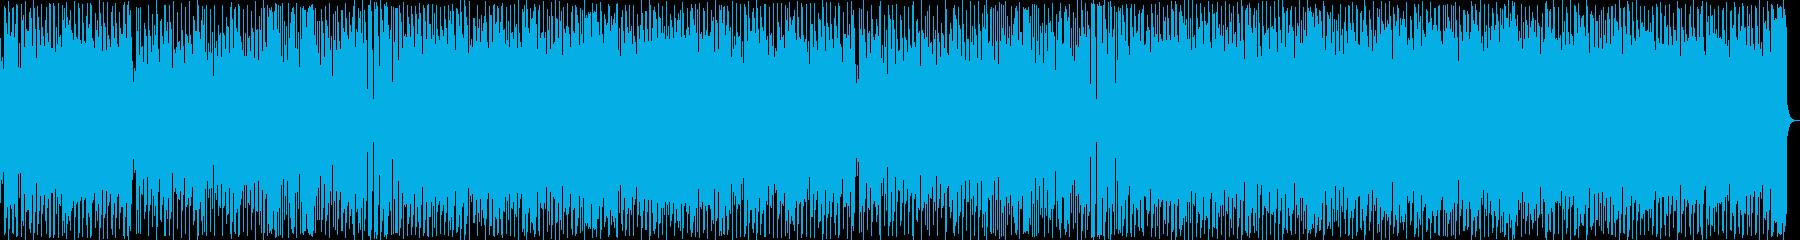 パーティーチューン!弾けるハウスの再生済みの波形